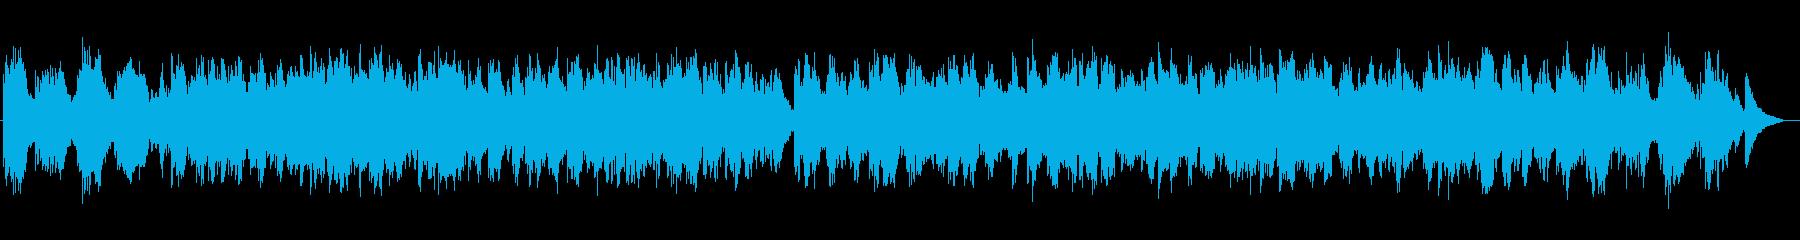 癒しのシンセサイザーサウンドの再生済みの波形